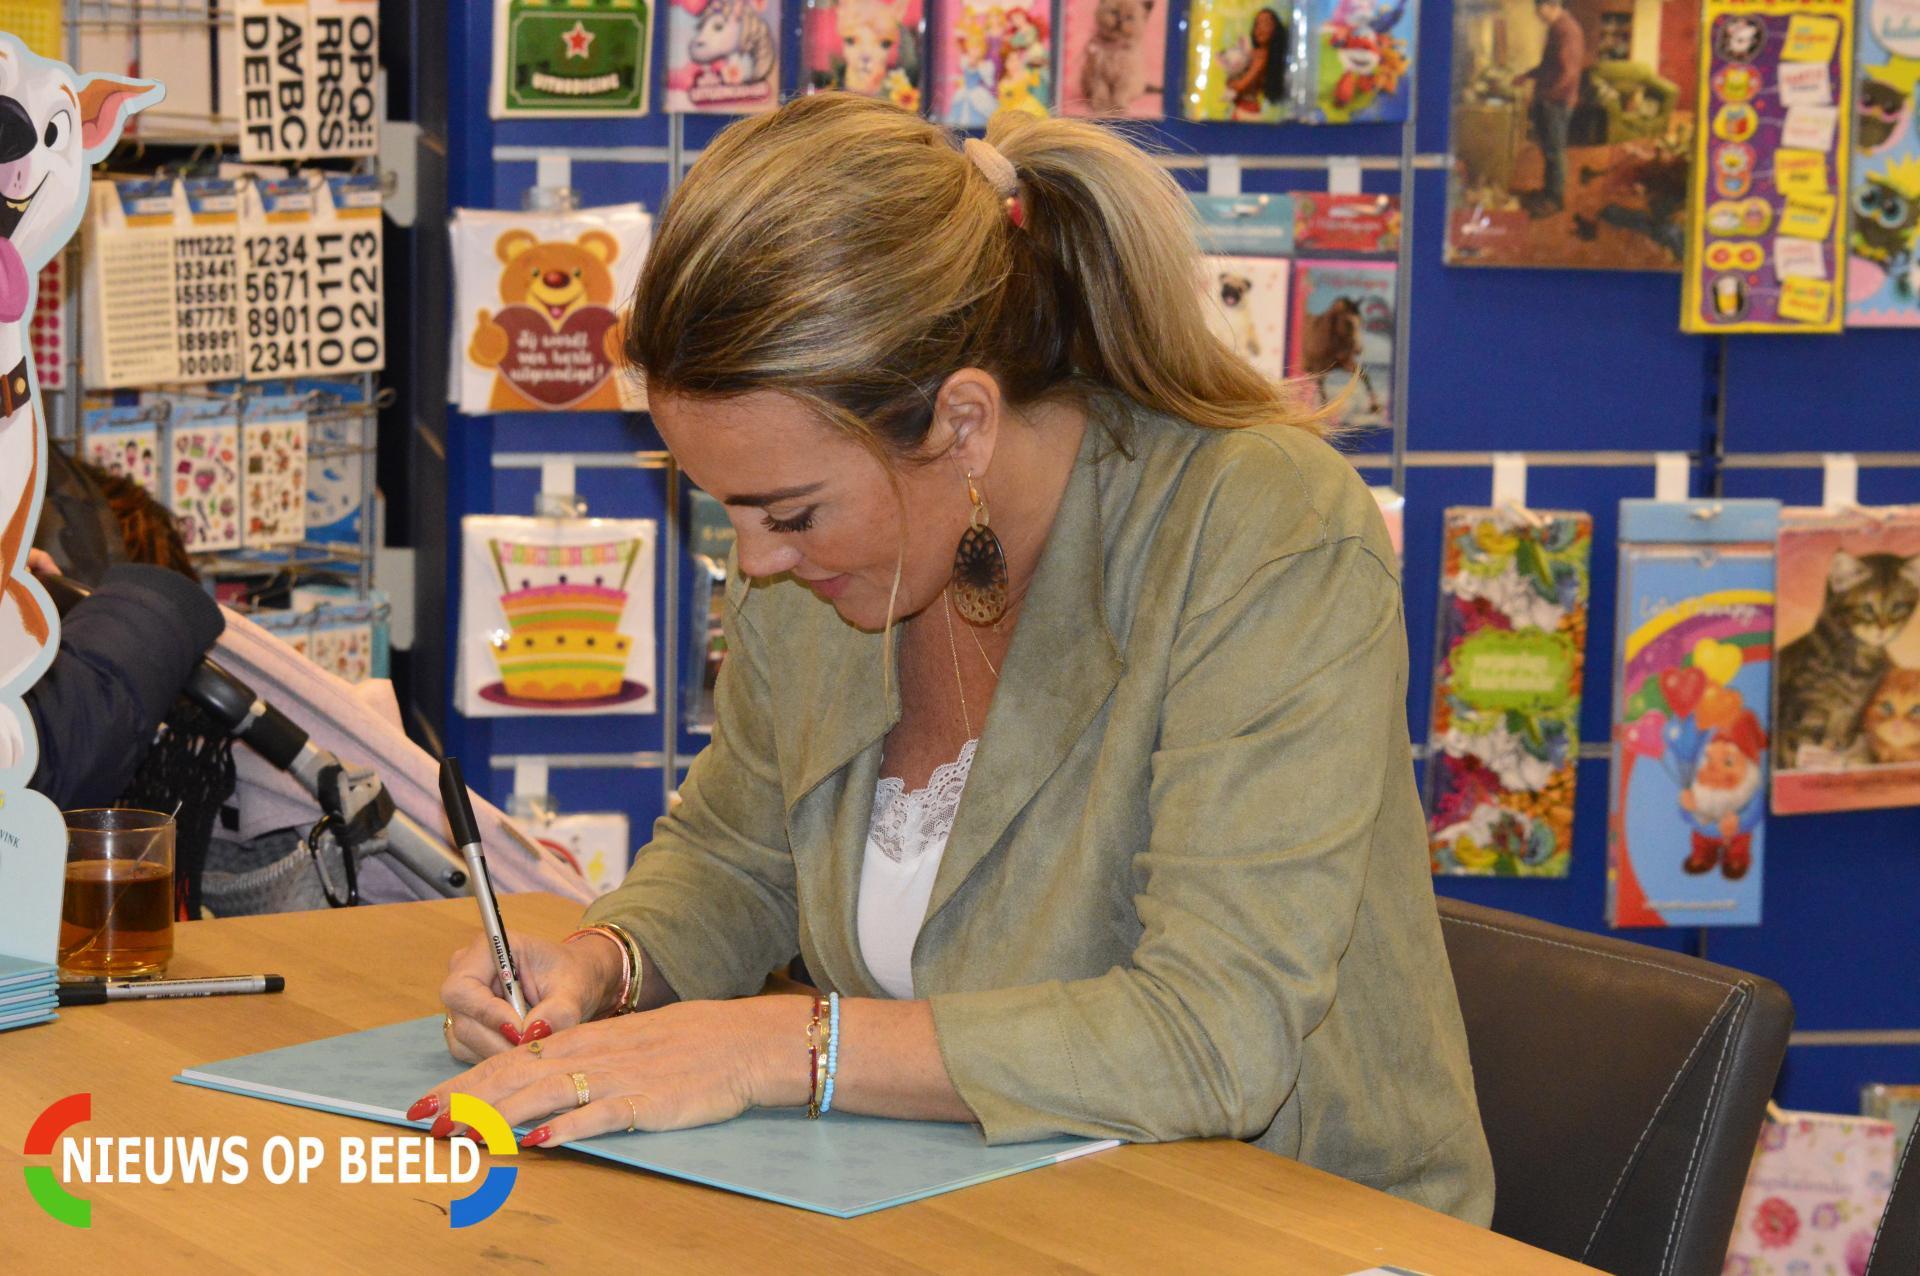 Monique Westenberg signeert boek 'Dunya een hemels hondenleven' Herenstraat Berkel en Rodenrijs